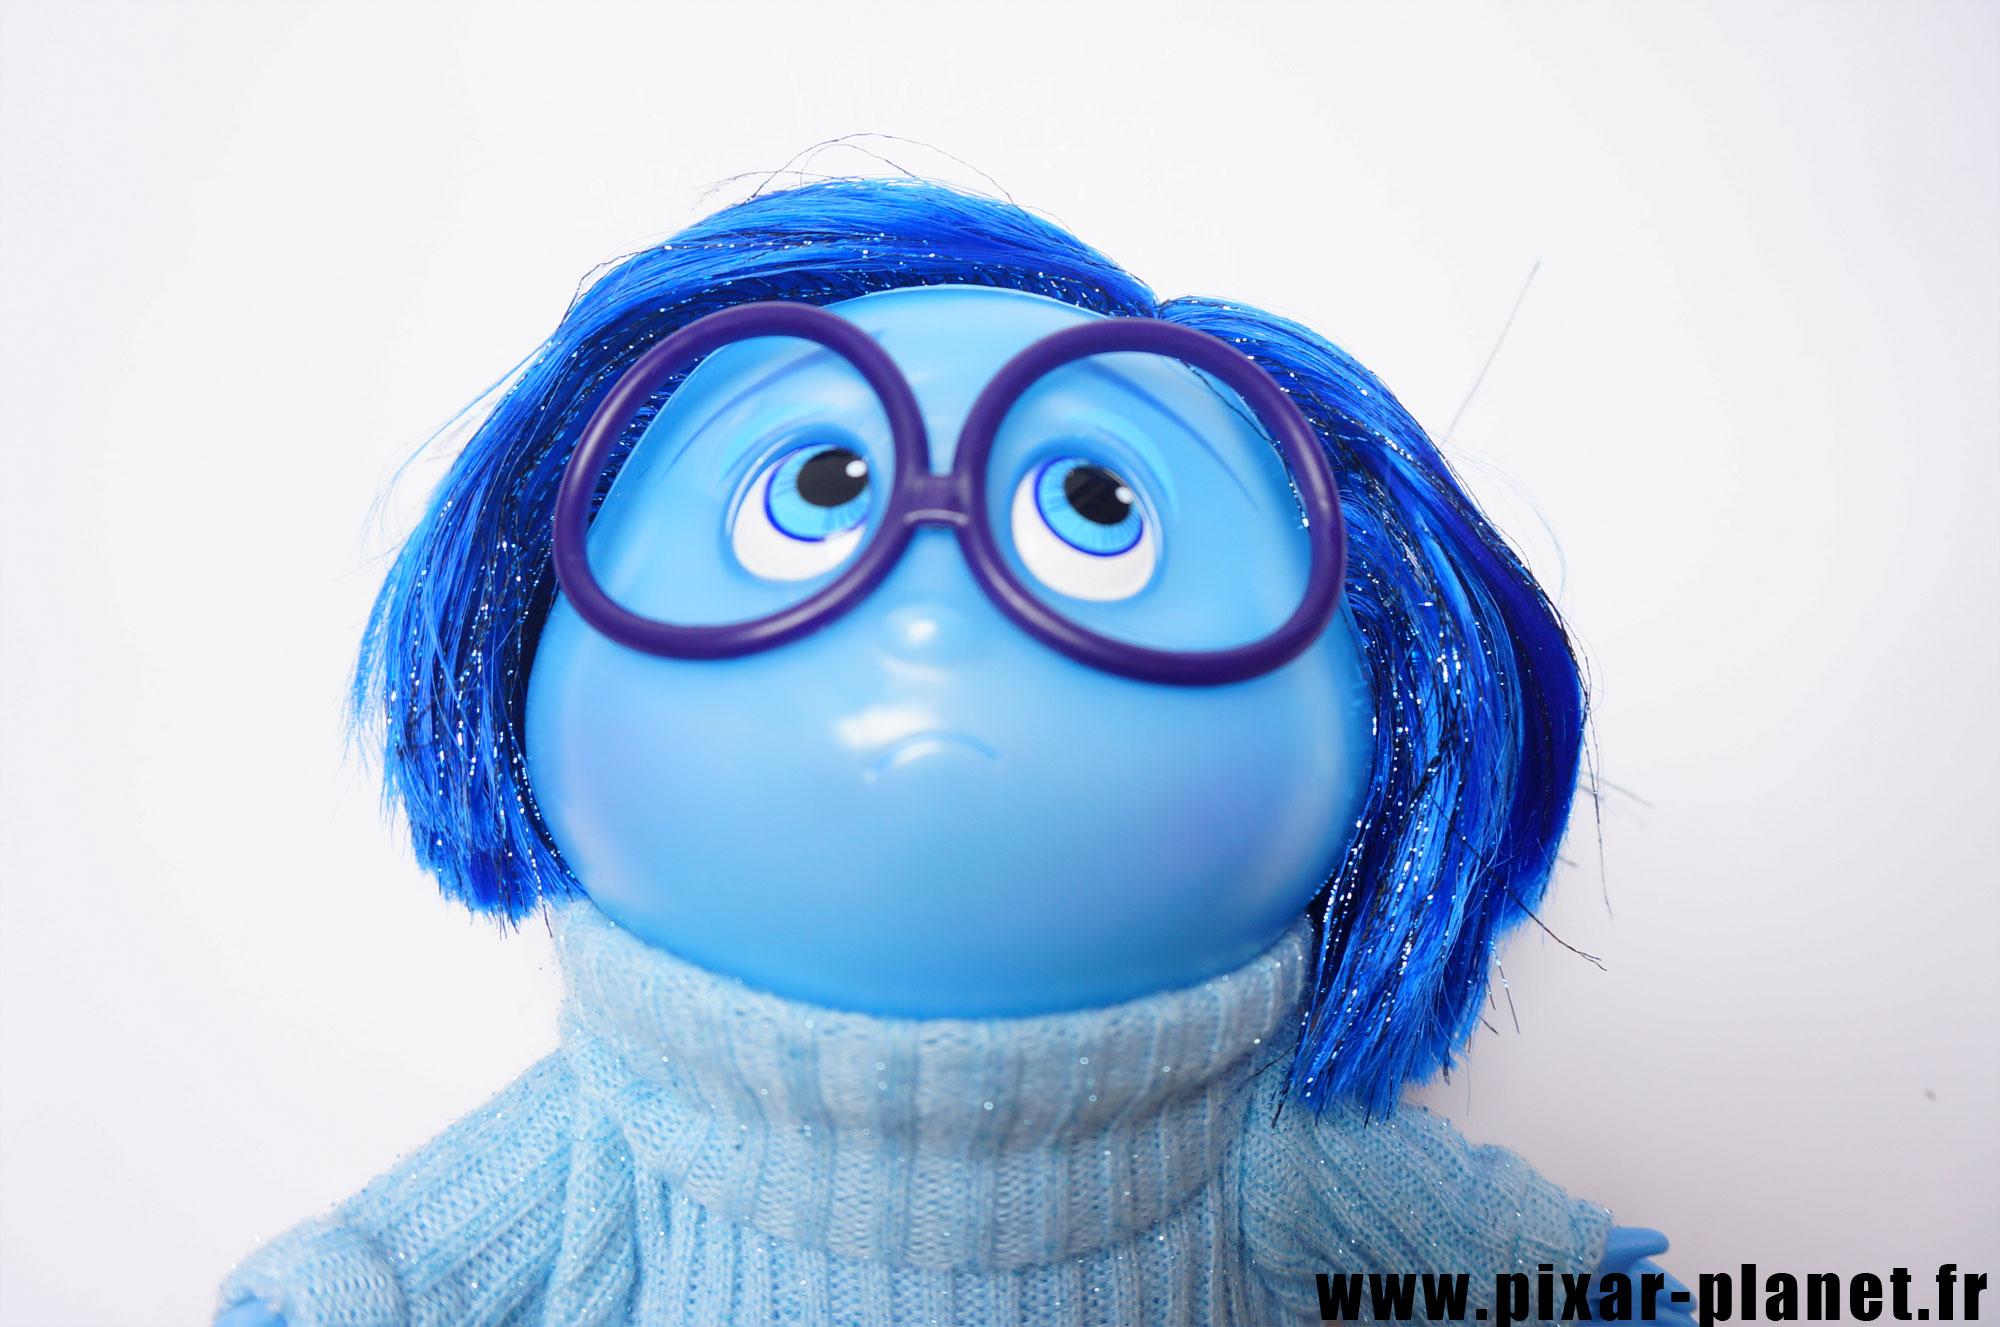 Pixar disney poupée toy vice versa inside out tristesse sadness